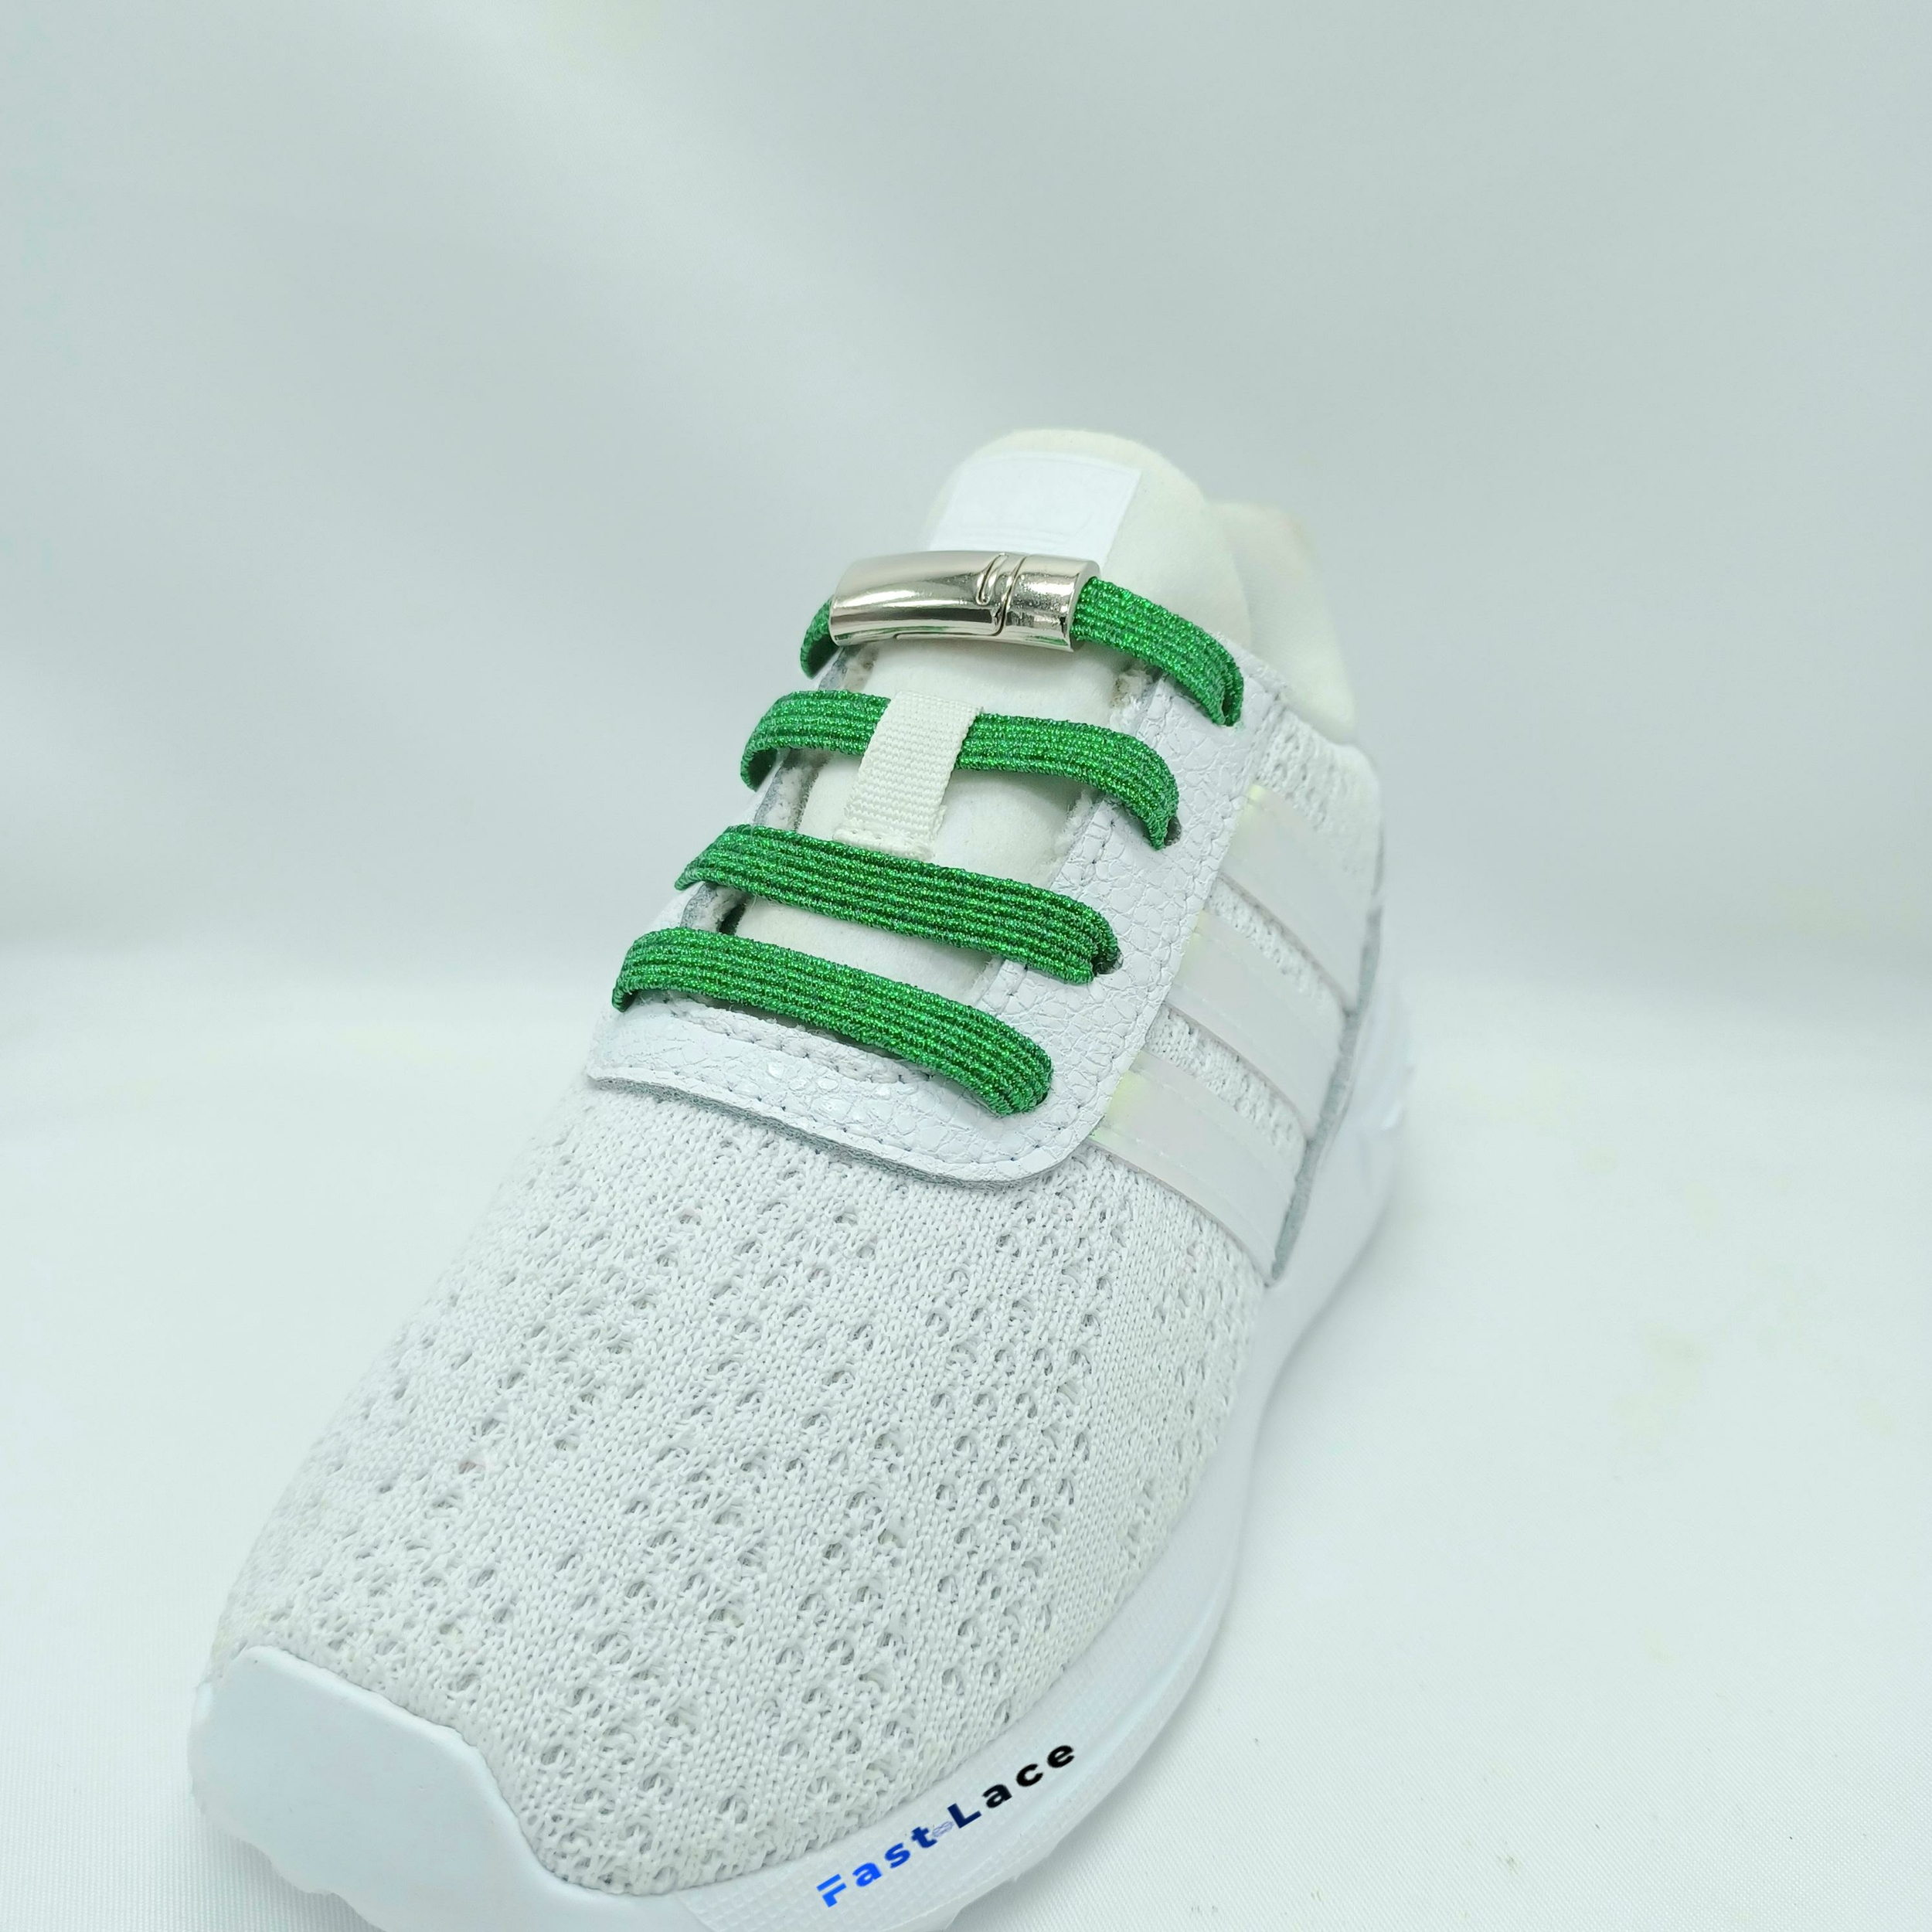 Les lacets magnetiques Fast-Lace fun vert